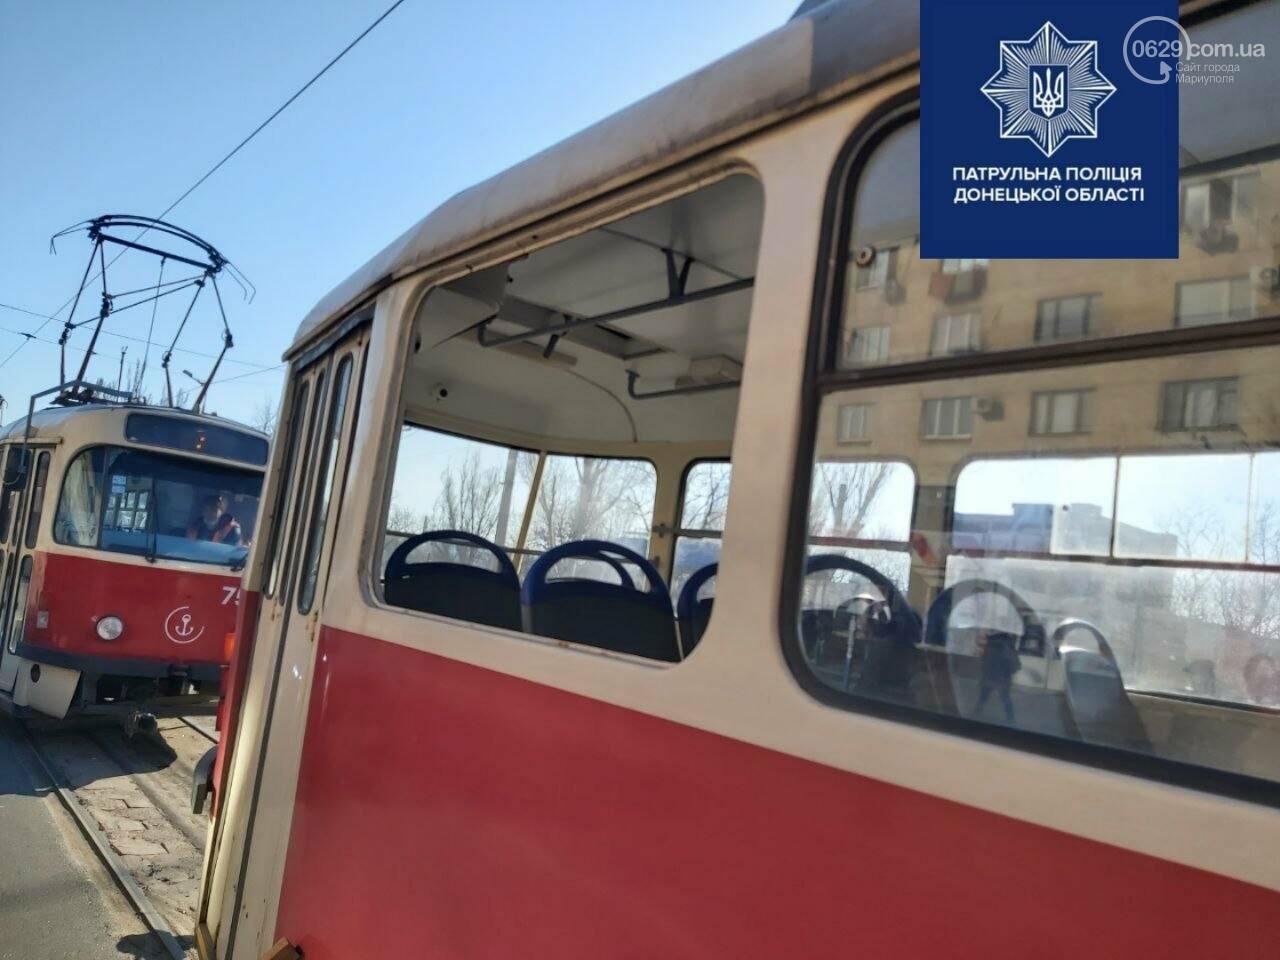 Драка в мариупольском трамвае: пассажиры выбили стекло, - ФОТО, фото-4